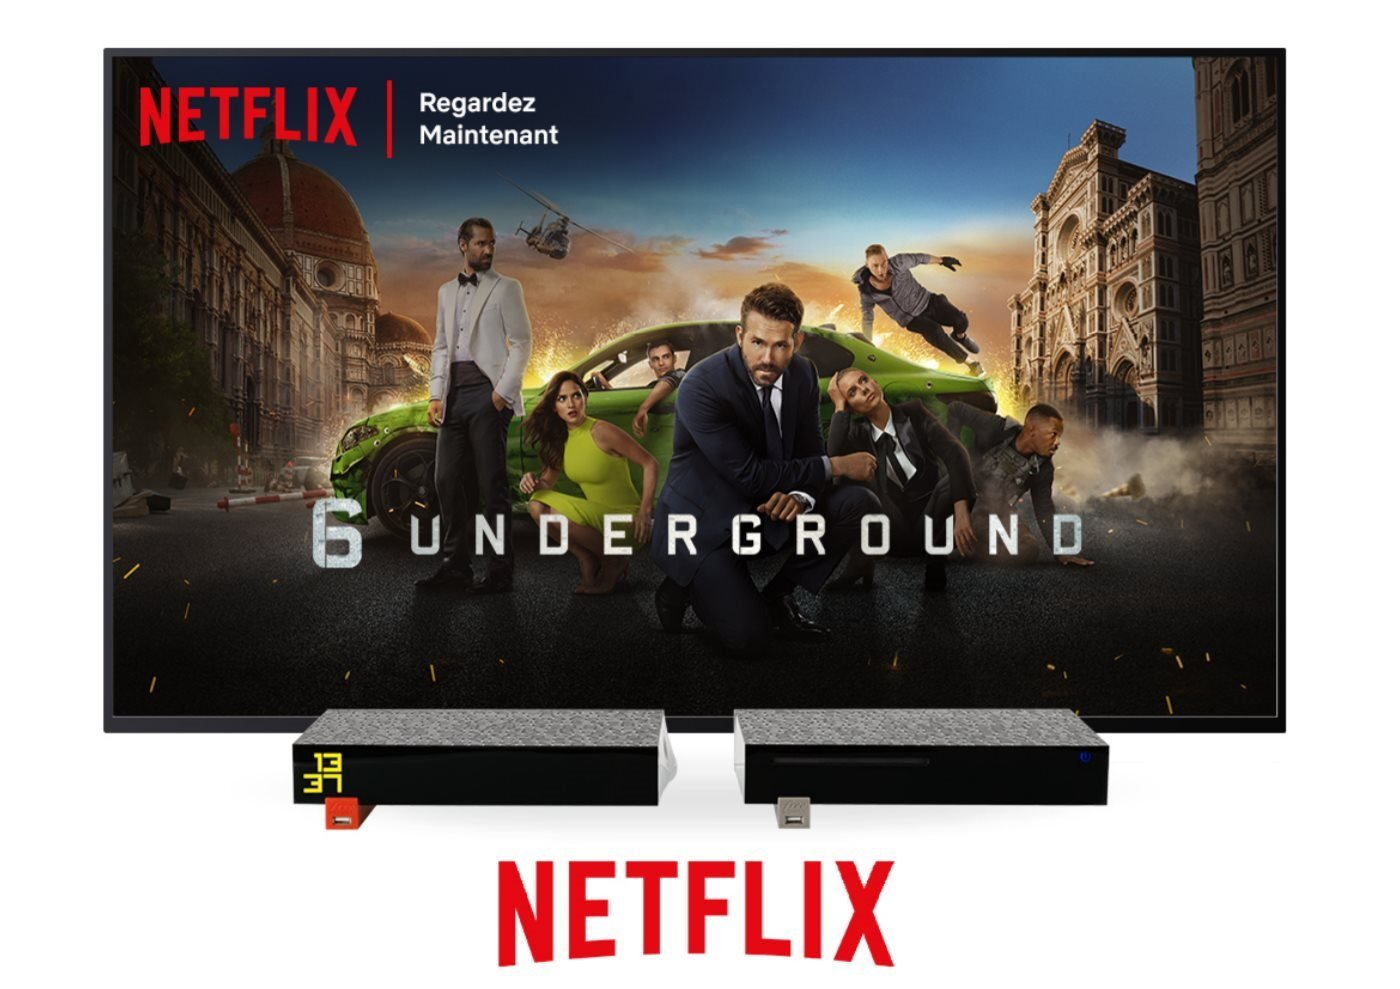 Tesla Cybertruck illégal, Netflix sur Freebox Révolution et meilleurs photophones de 2019 – Tech'spresso